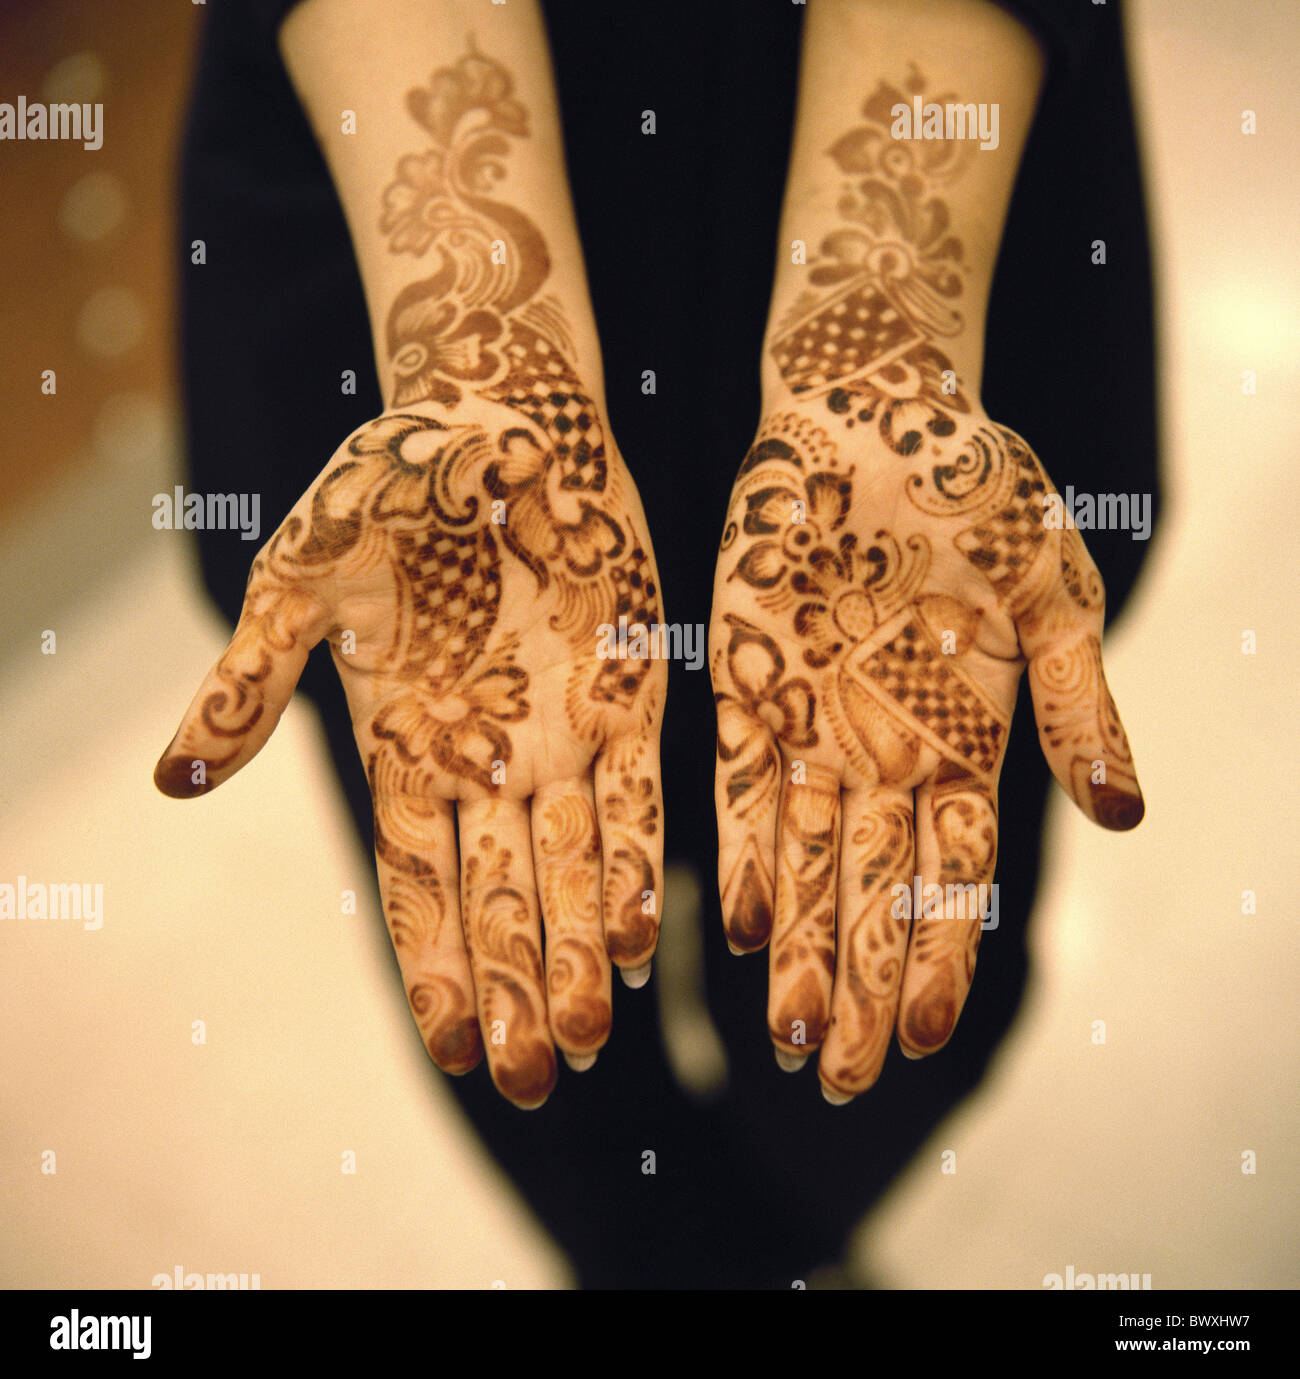 malte 10331604 Bahrein Frau Hände Henna Leben Muster Beispiel Nahaufnahme Ornamente tattoo Stockfoto